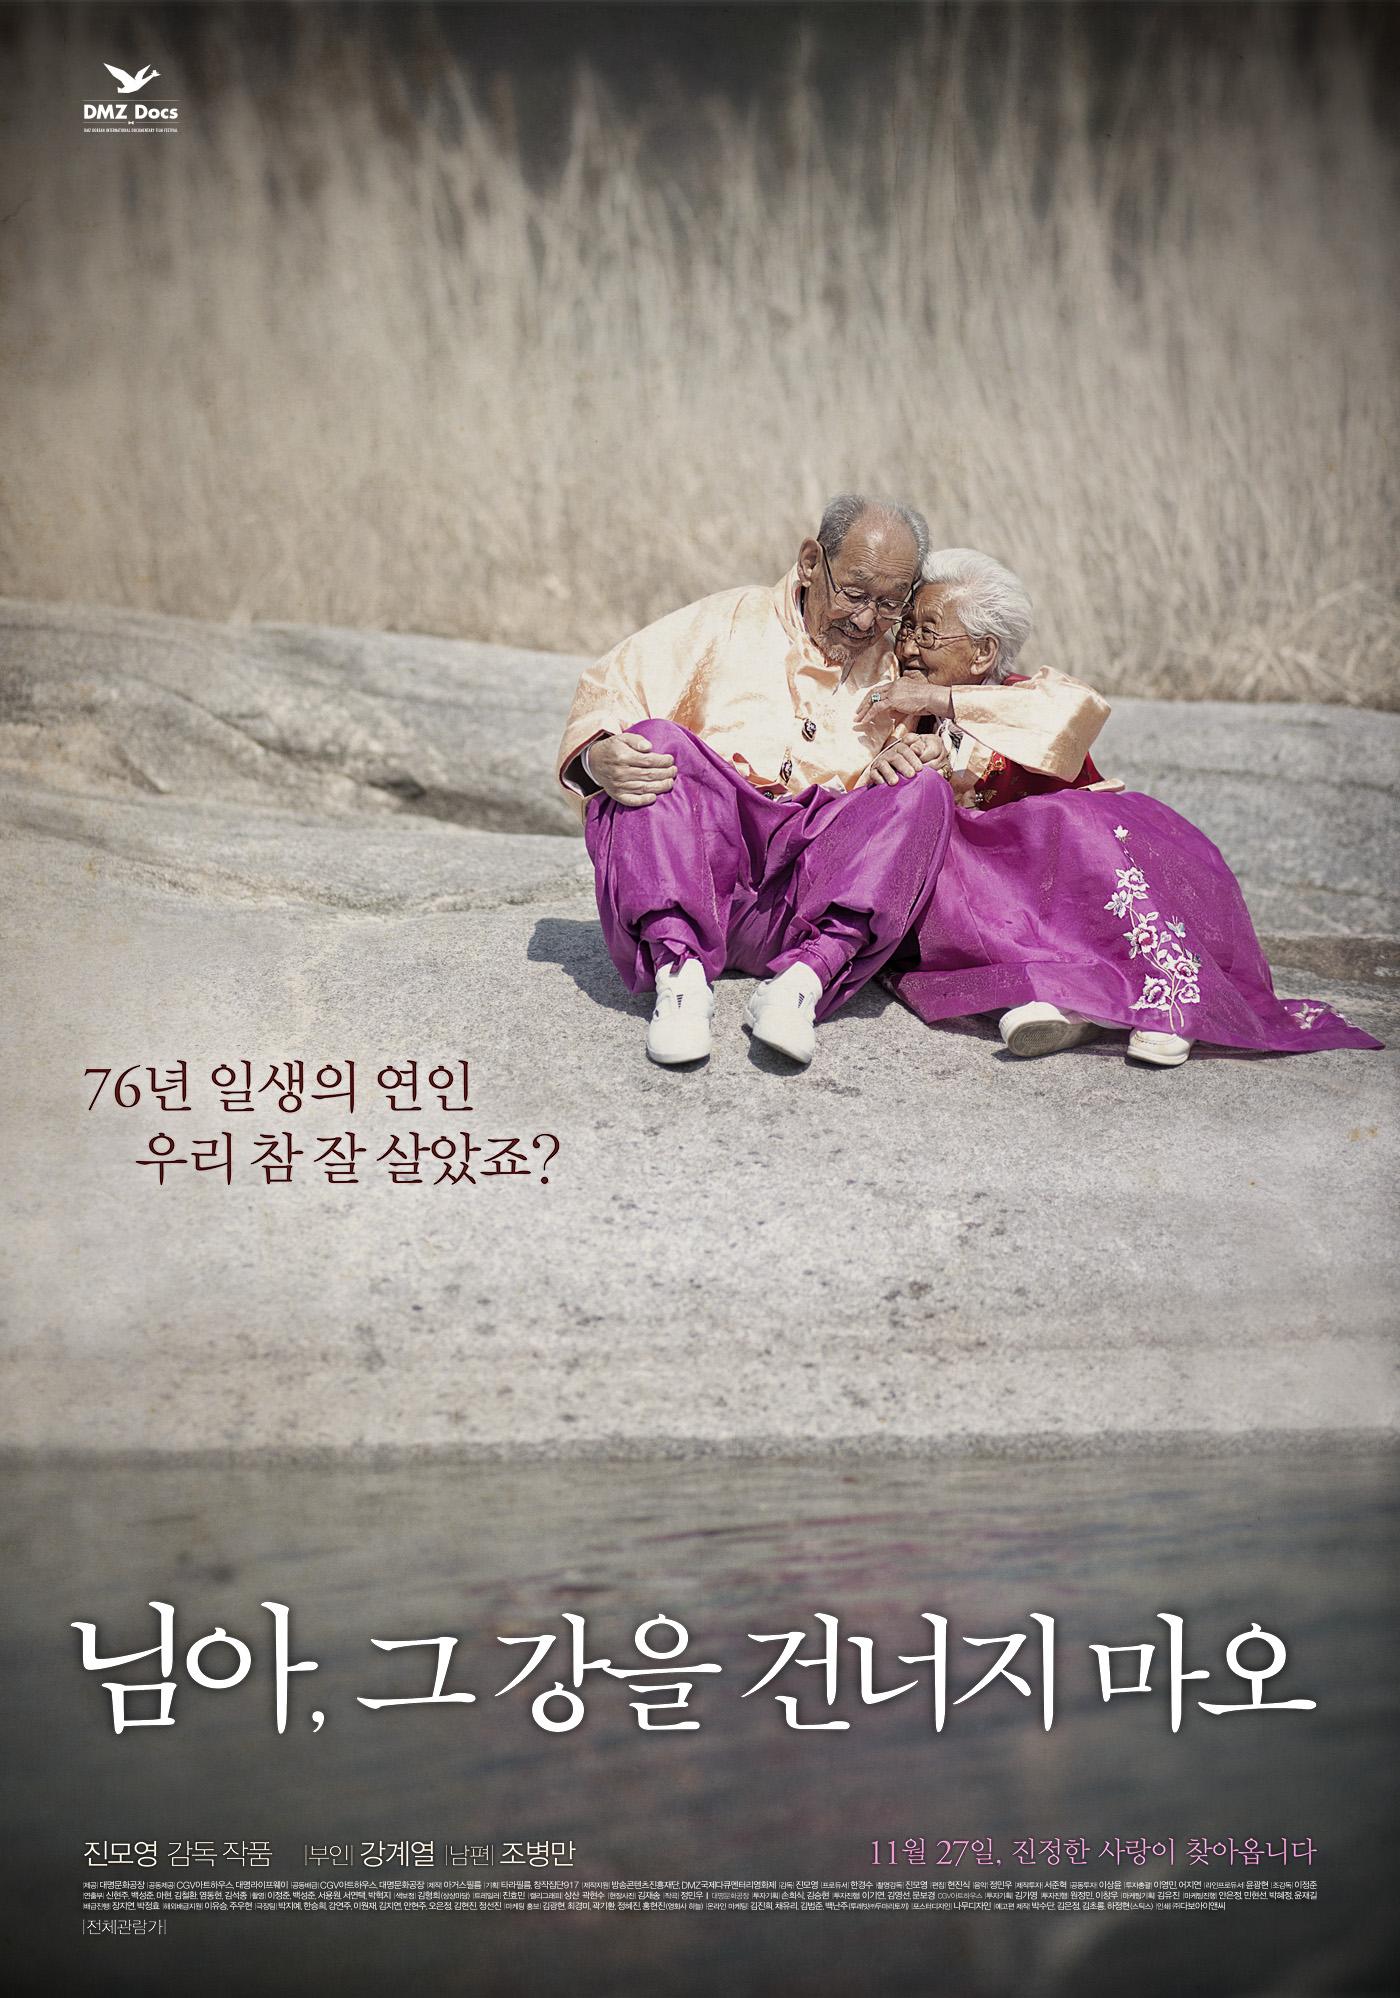 님아, 그 강을 건너지 마오 (2014)